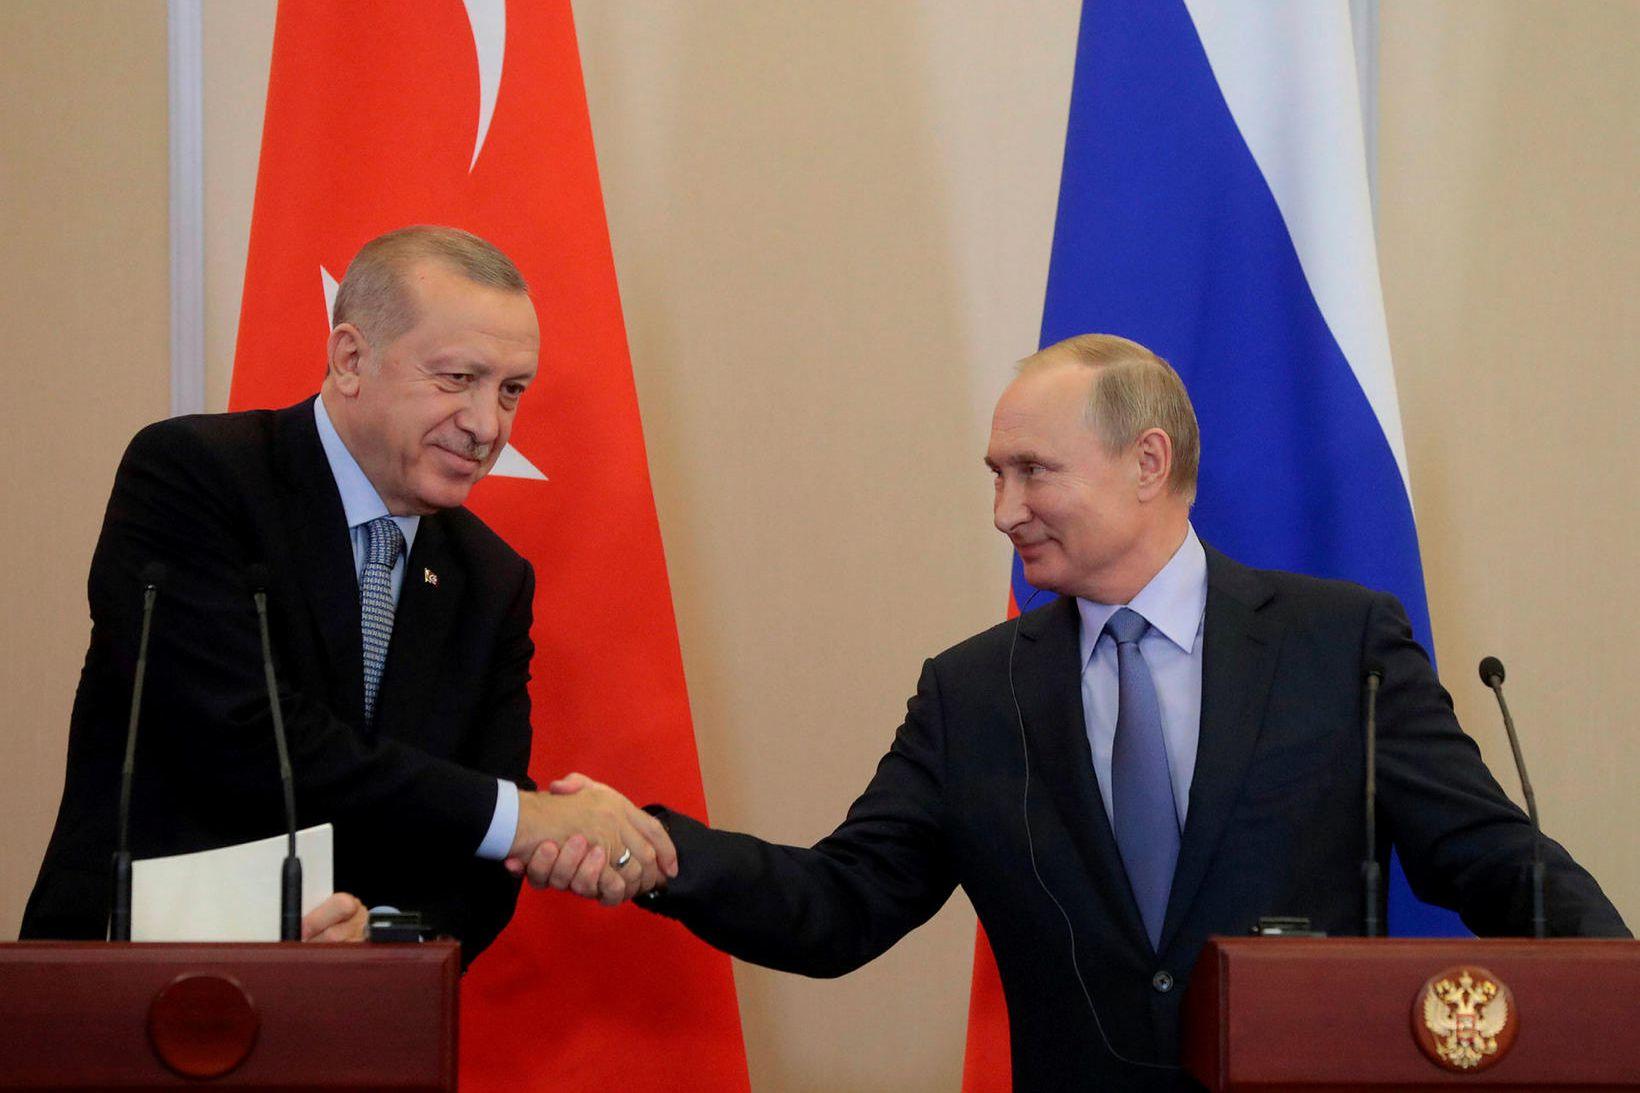 Recep Tayyip Erdogan, forseti Tyrklands, og Vladimír Pútín, forseti Rússlands, …